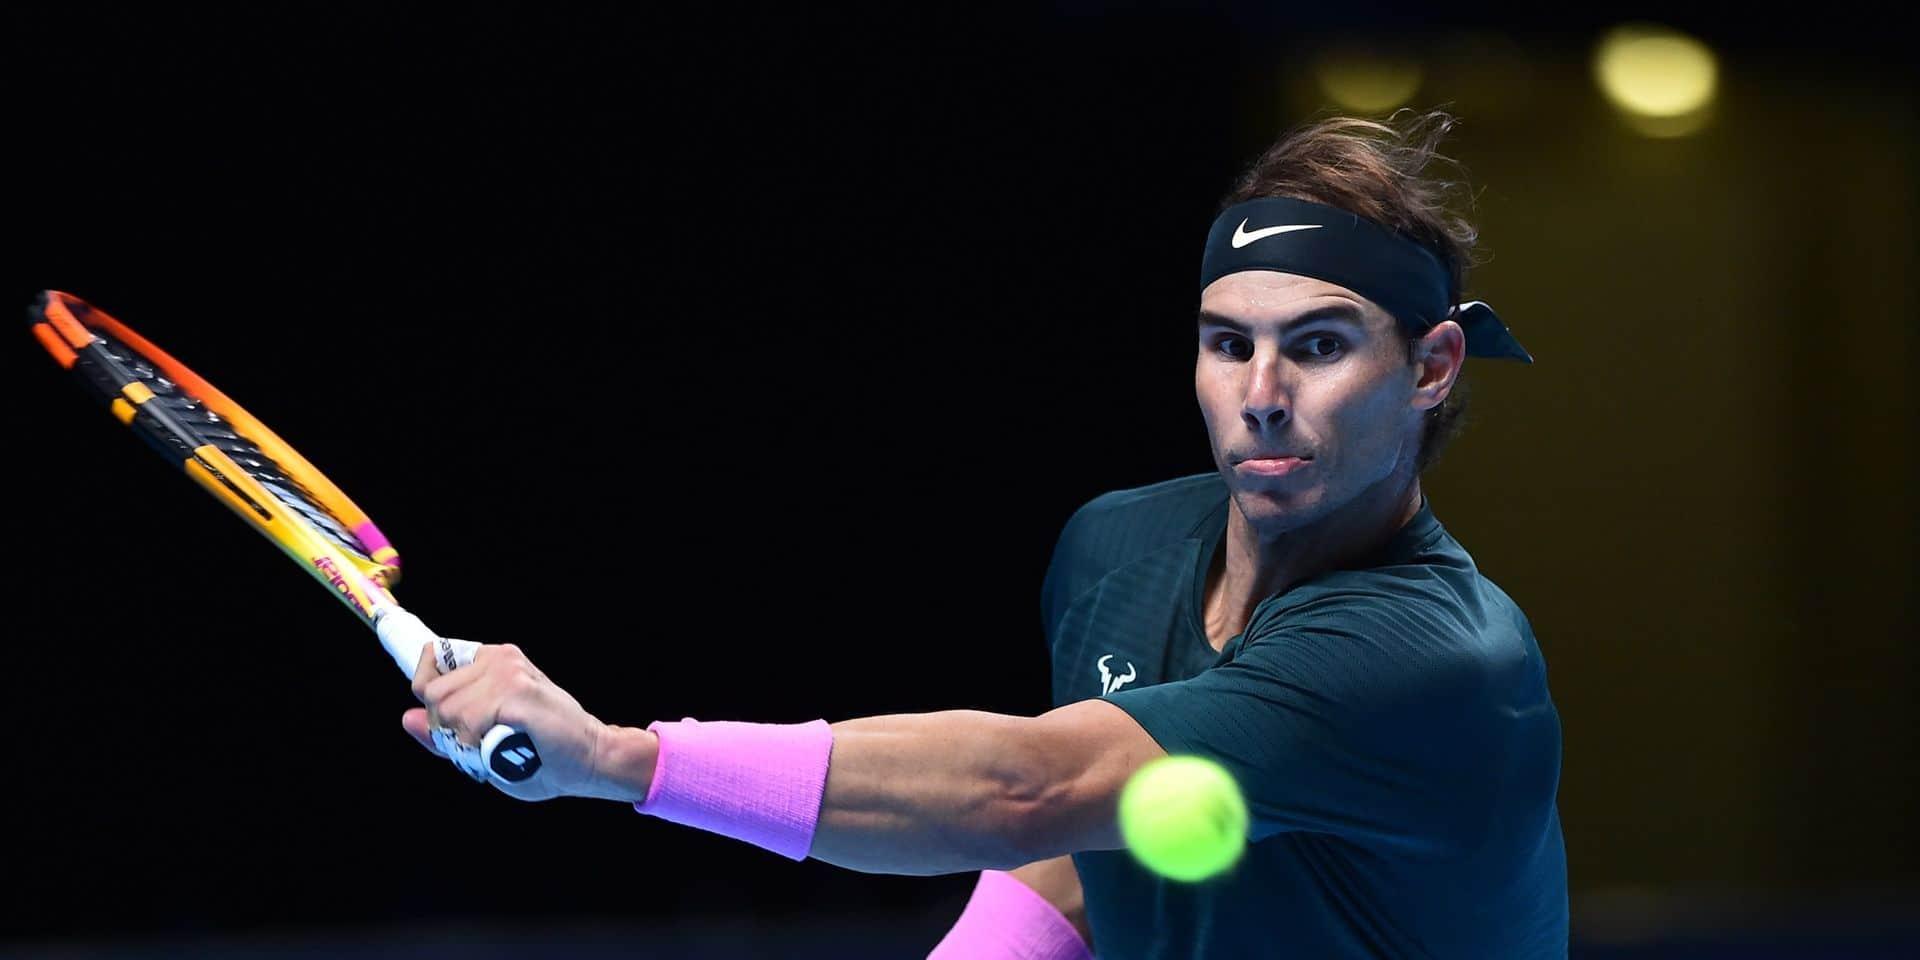 """Rafael Nadal s'oppose à Djokovic au sujet de la PTPA: """"En faisant cela, il n'aide pas plus le tennis que les autres joueurs"""""""